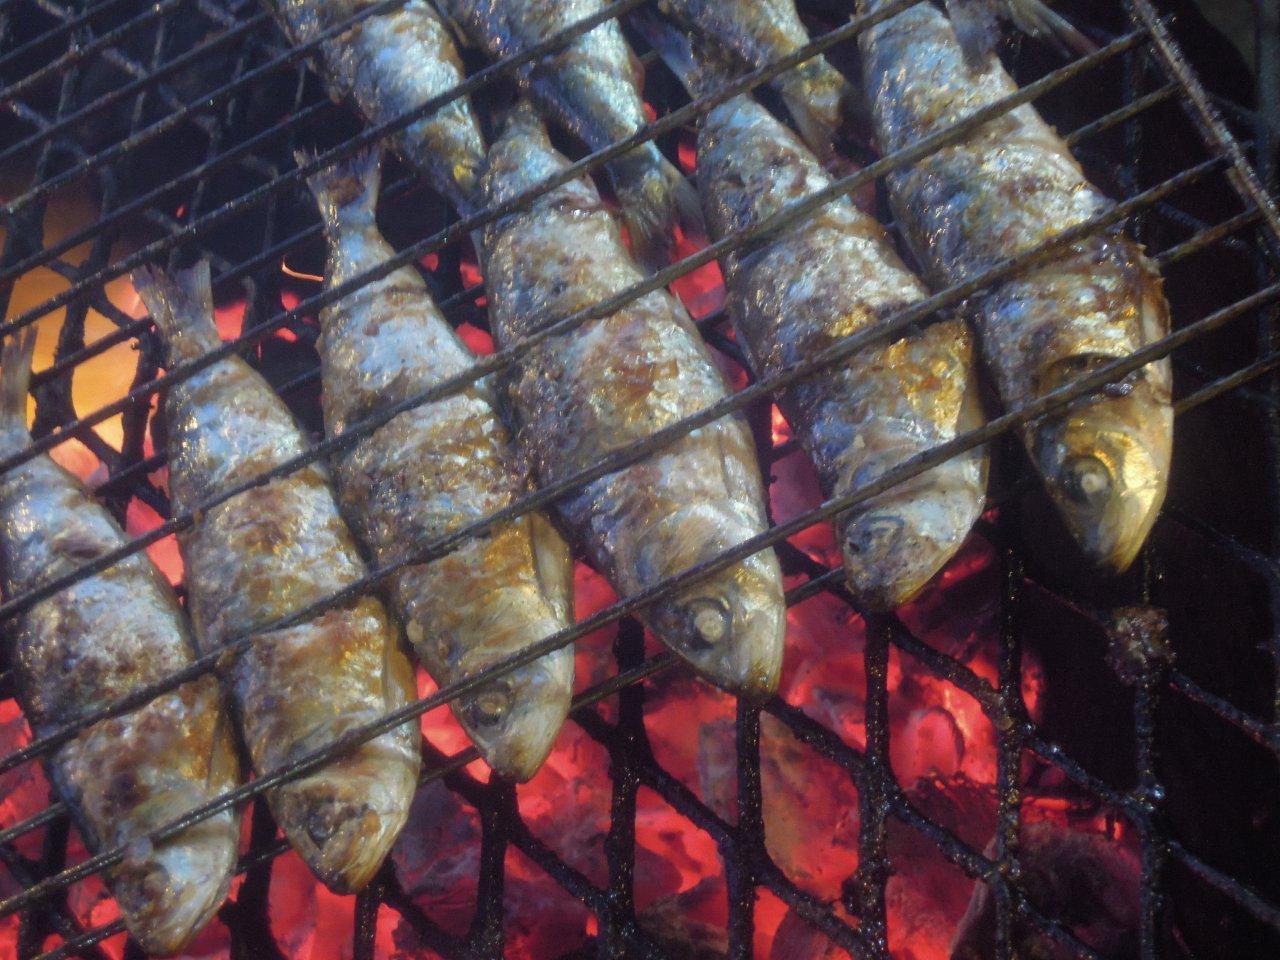 sardinhas na noite de santo antónio Sardinhas na noite de Santo António são as melhores DSCN051011